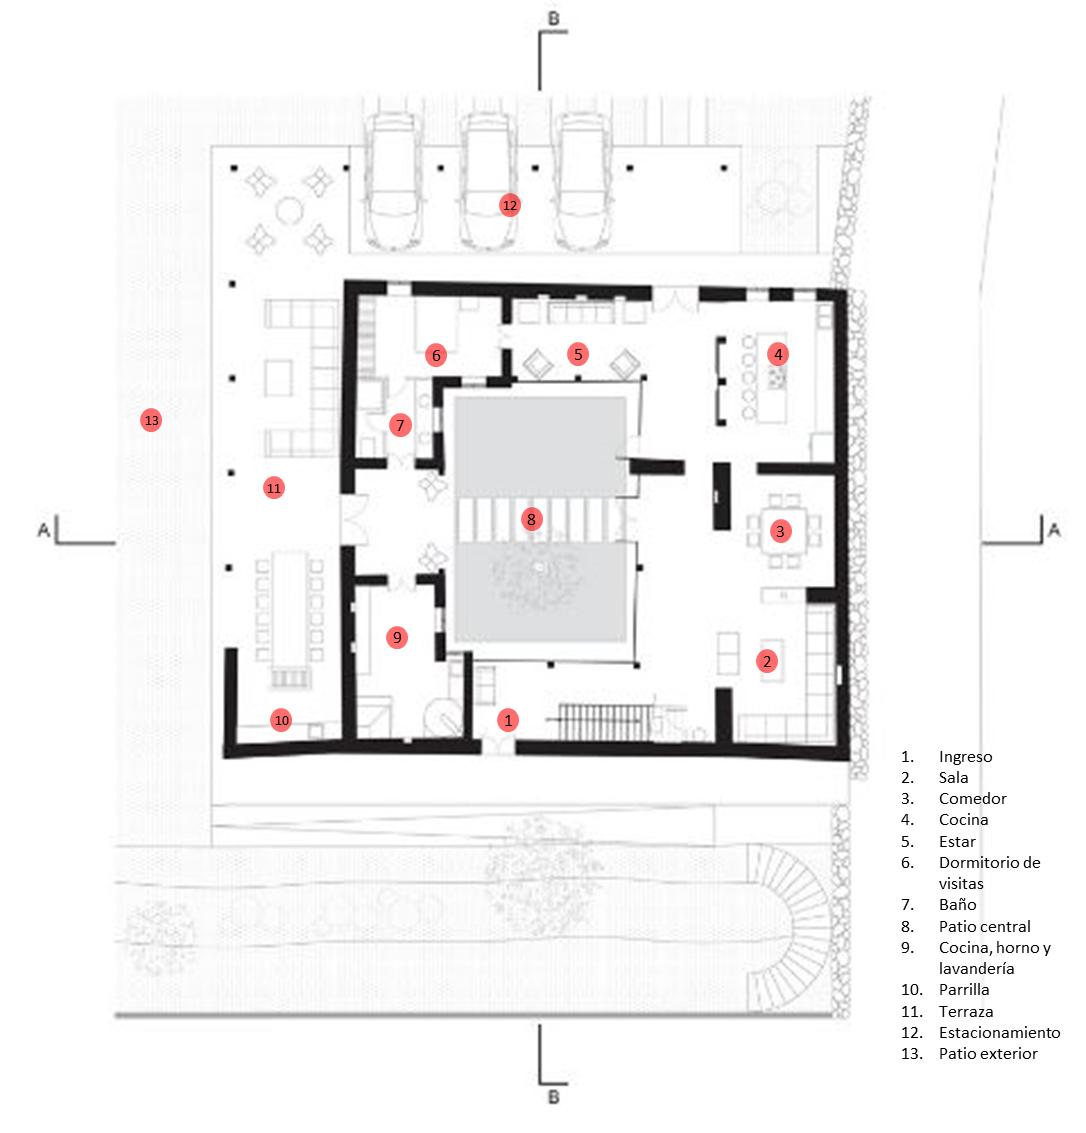 Dise o casa construcci n con adobe planos de arquitectura for Arquitectura planos y disenos